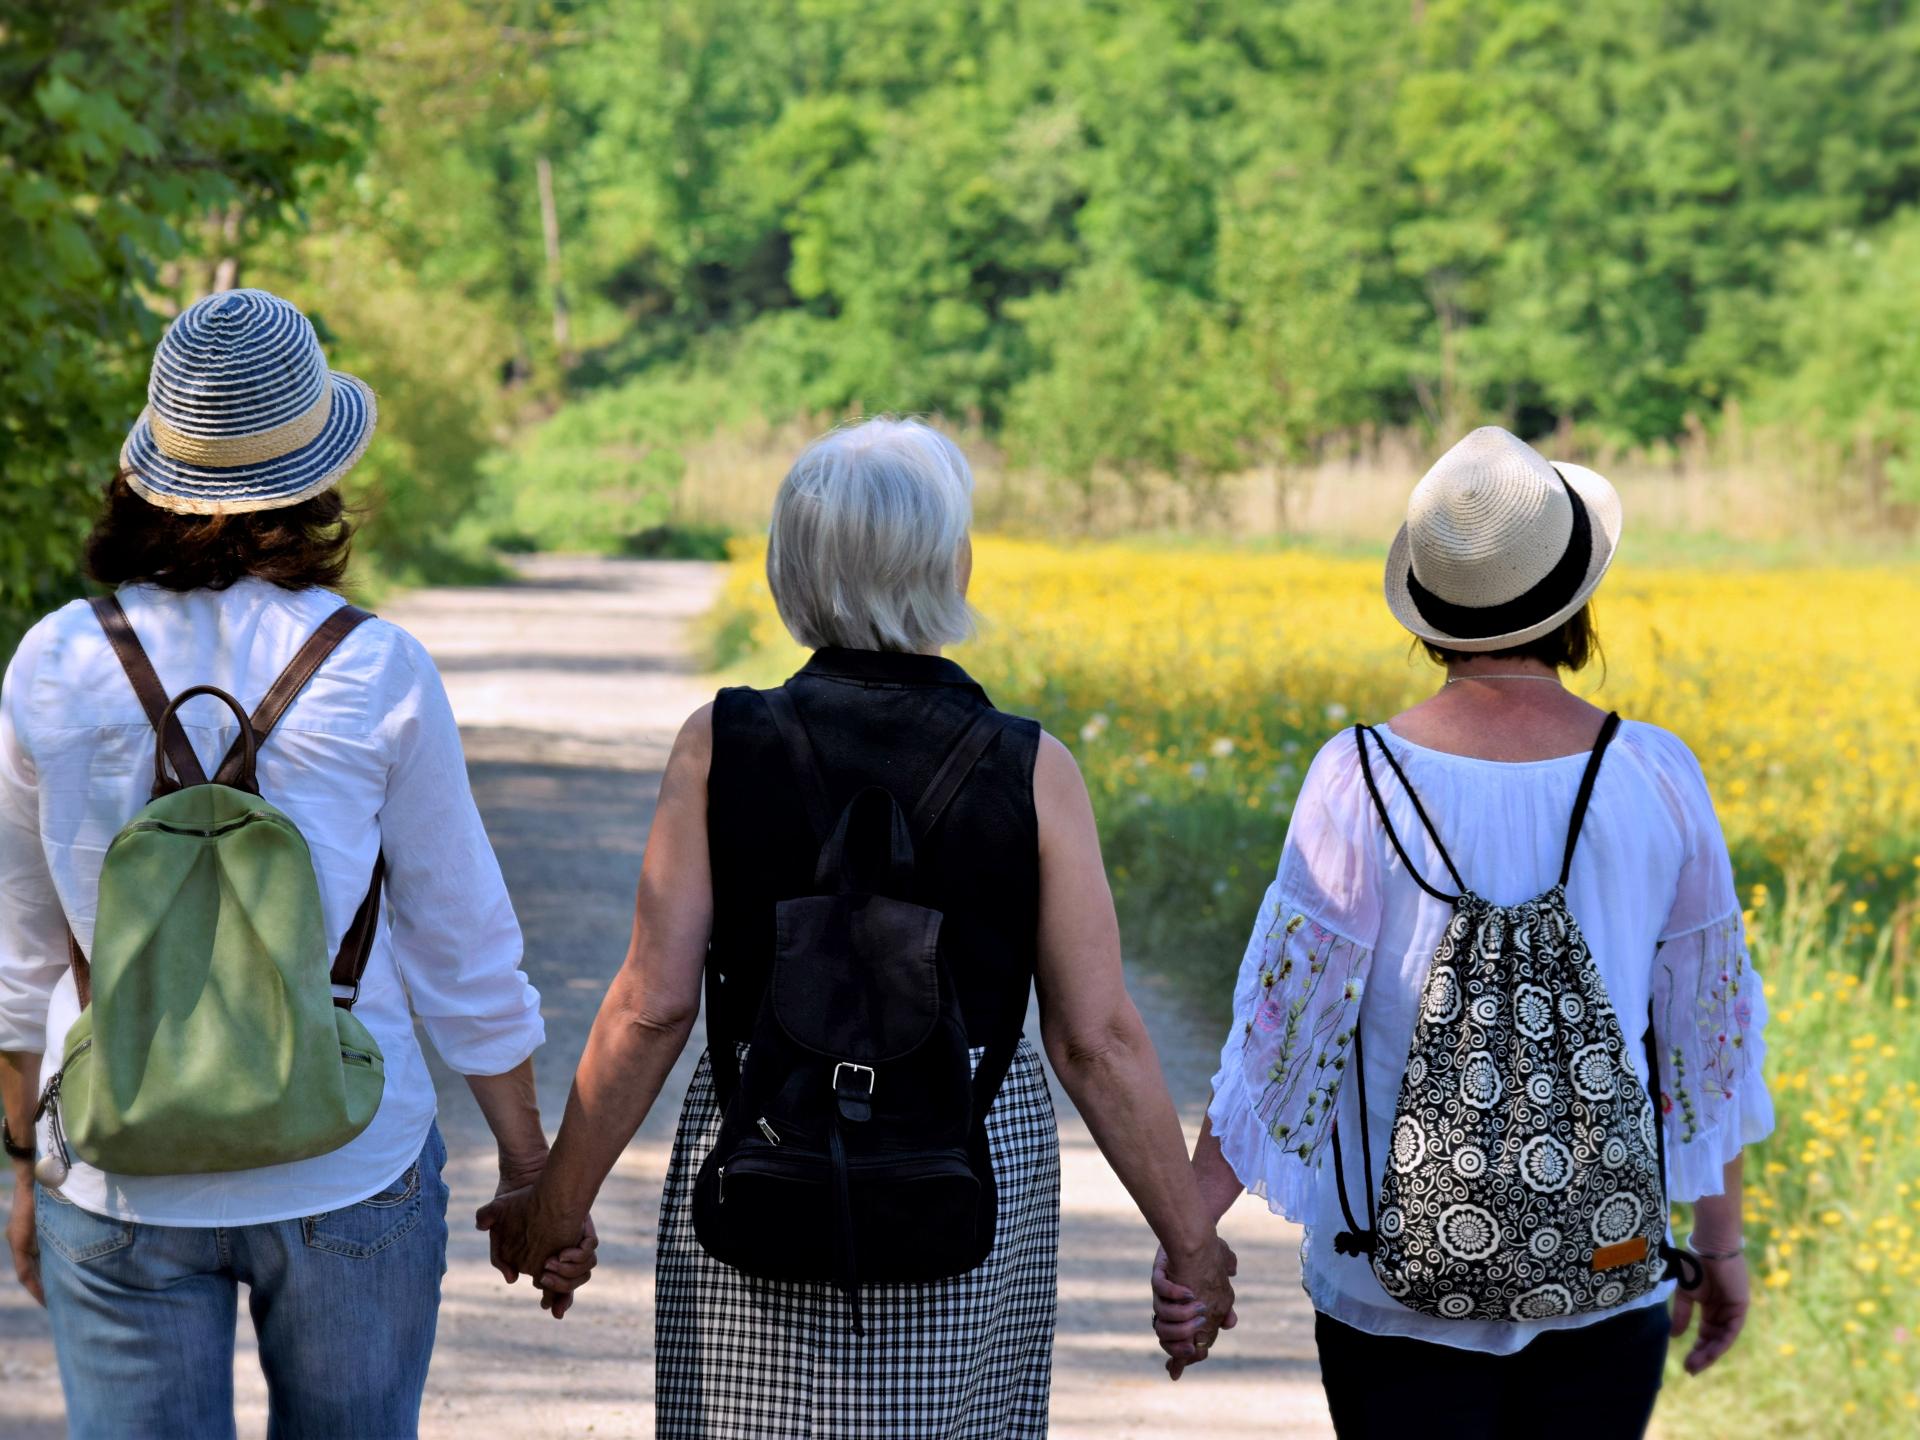 Familien strecken sich über mehrere Generationen. - Photocredit: pixabay.com/silviarita